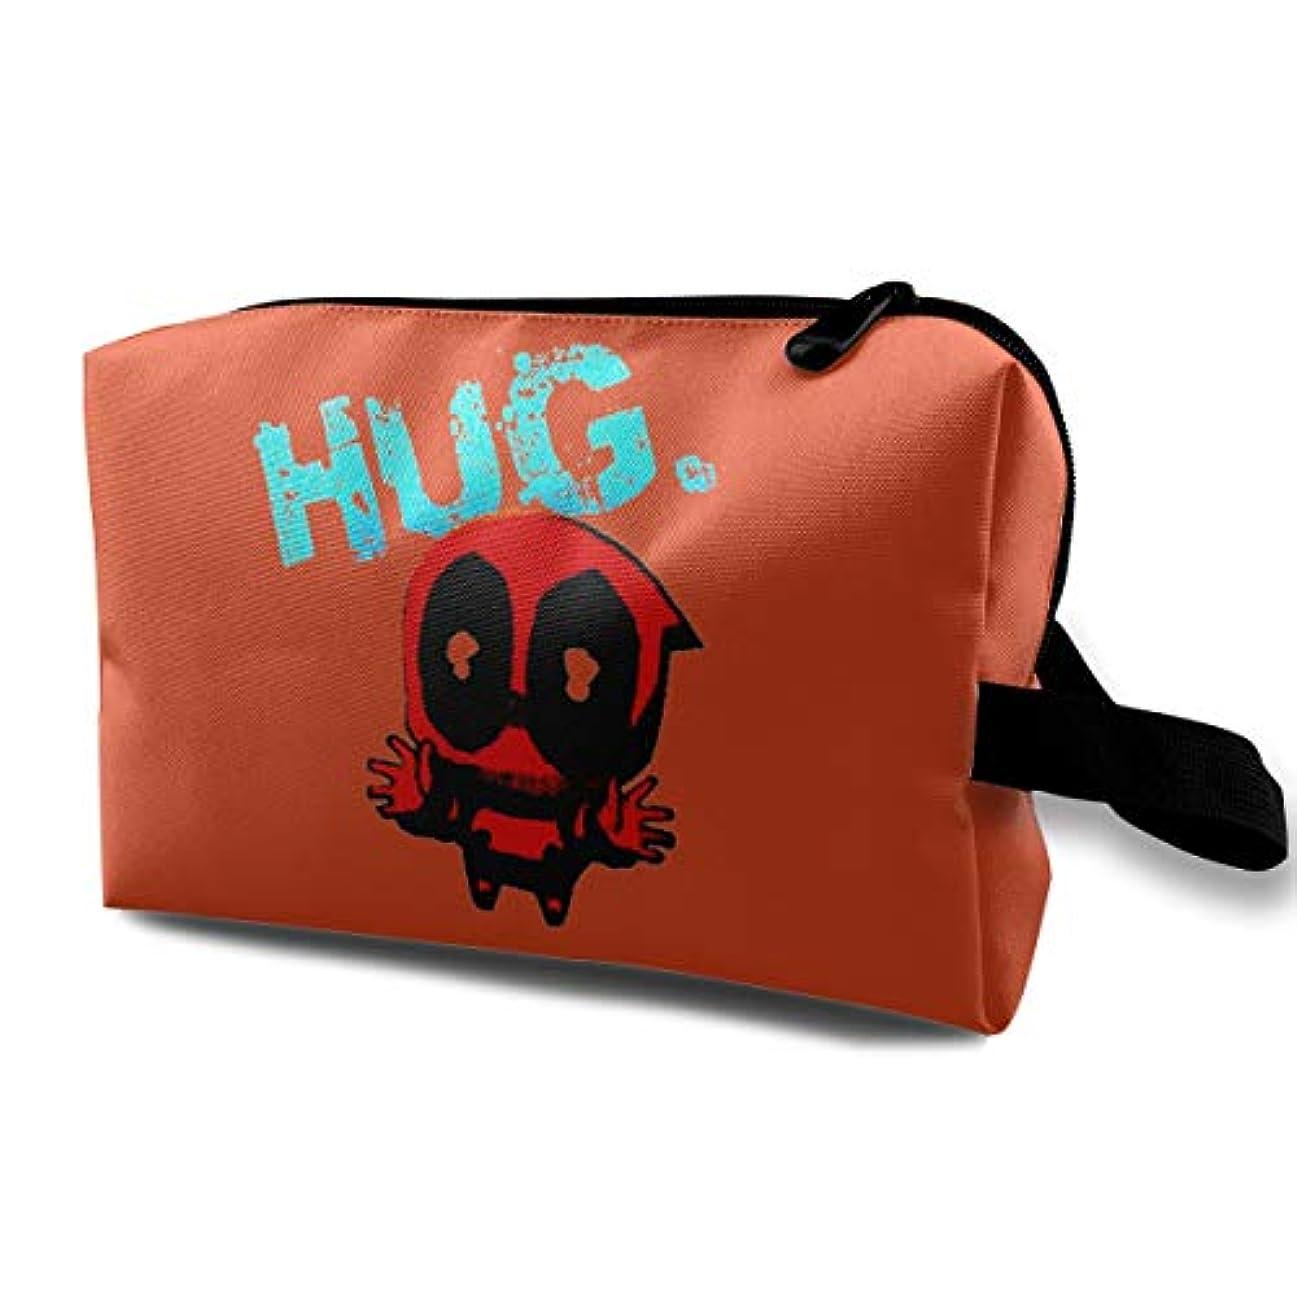 生きている男やもめ植物学HUG 可愛いメンズ 化粧ポーチ 携帯用 化粧ポーチ 大容量 軽い 旅行ポーチ 洗面用具入れ 化粧ポーチ 収納 ハンドバッグ 財布 防水